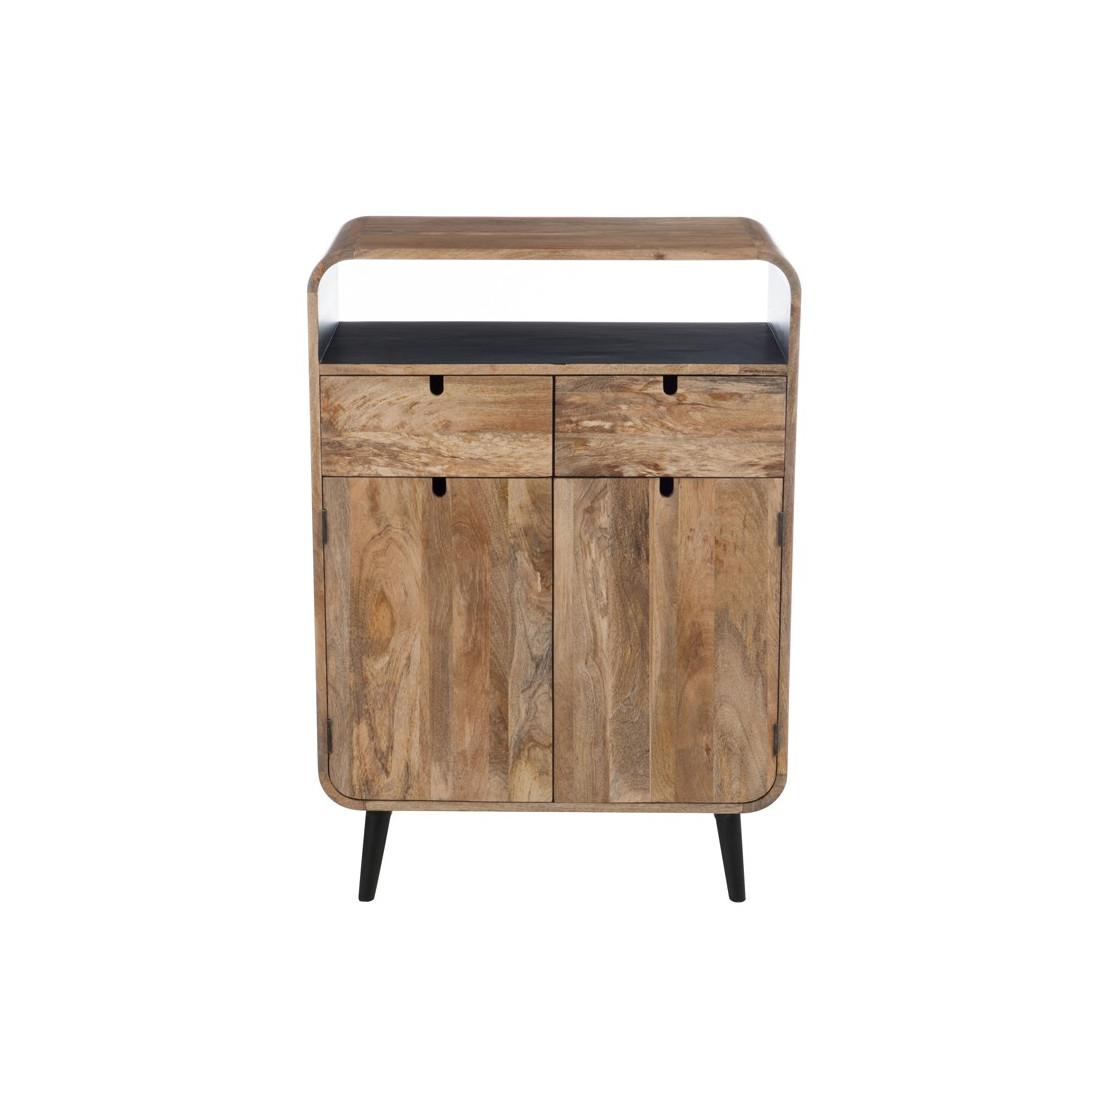 meuble d 39 entr e art d co robuste amyr univers des petits meubles. Black Bedroom Furniture Sets. Home Design Ideas